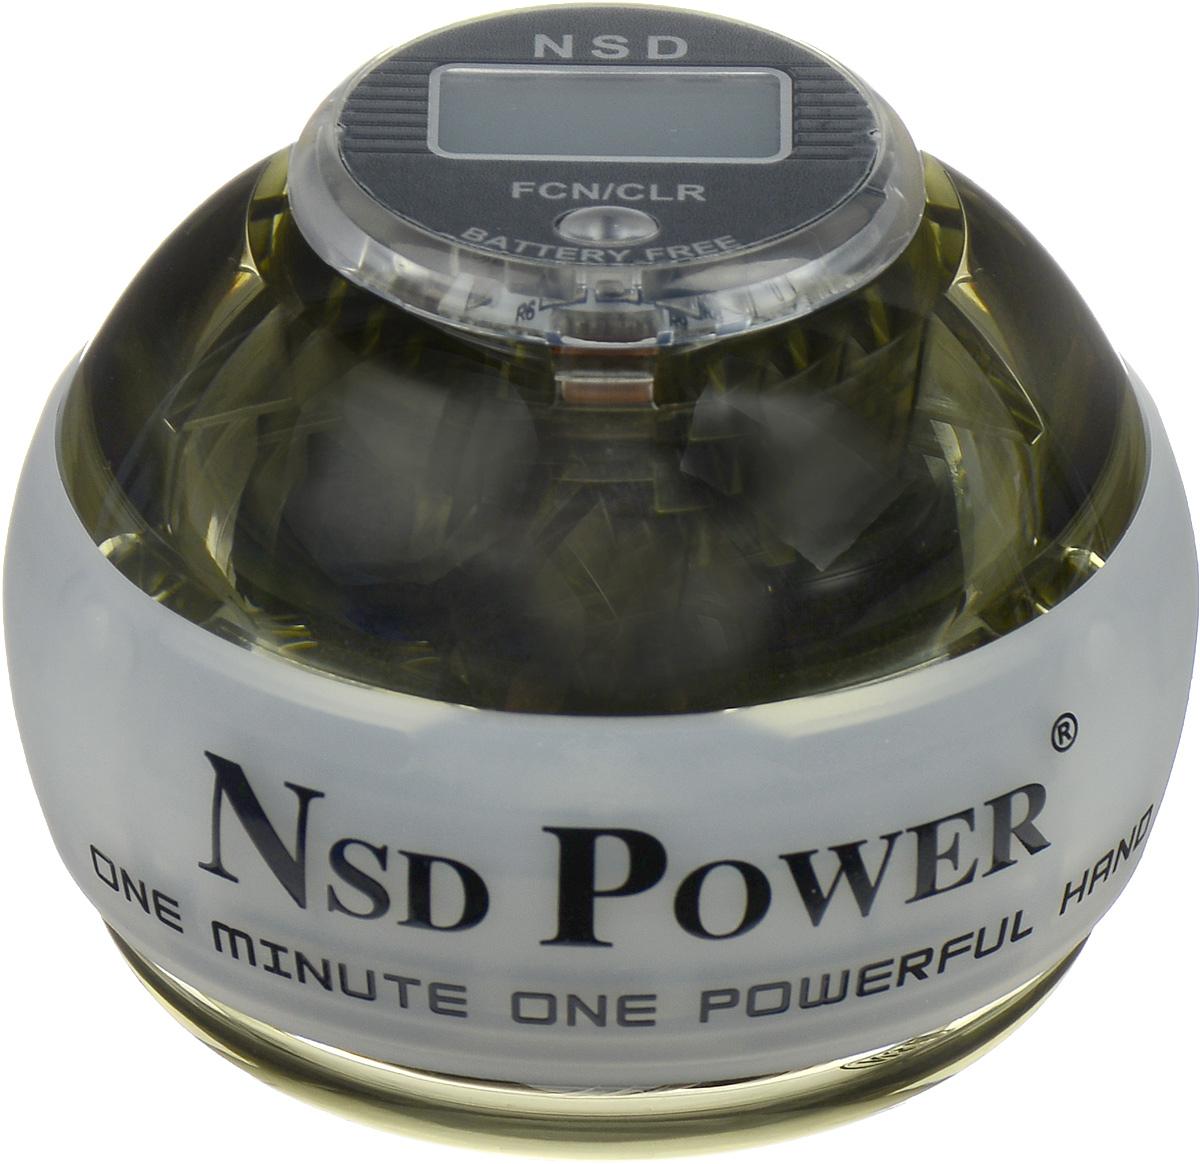 Тренажер кистевой NSD Power Powerball Neon Pro, цвет: белыйSF 0085Кистевой тренажер NSD Power Powerball Neon Pro - новая модель cсчетчиком и подсветкой. Тренажер изготовлен из более прочногоматериала с системой защиты ротора, предотвращающей егоповреждение при падении шара на твердую поверхность. Он будетслужить вам очень долгое время. Также в эту модель внедрена система сменных колец для быстрогоремонта при повреждении. Новый счетчик со встроеннымгенератором работает без батареек. Прекрасно отрегулированныйротор тренажера с отличным балансом может достигать скоростивращения до 15000 оборотов в минуту. В комплект входят инструкция по использованию и два шнурка дляраскрутки.Стильный тренажер для кисти рук, который можно использовать влюбую свободную минуту. Упражнения, проделываемые регулярно,обеспечат отличную тренировку рук, разработку кисти после травмыу спортсменов и не только. Размер тренажера: 7 х 8 см.